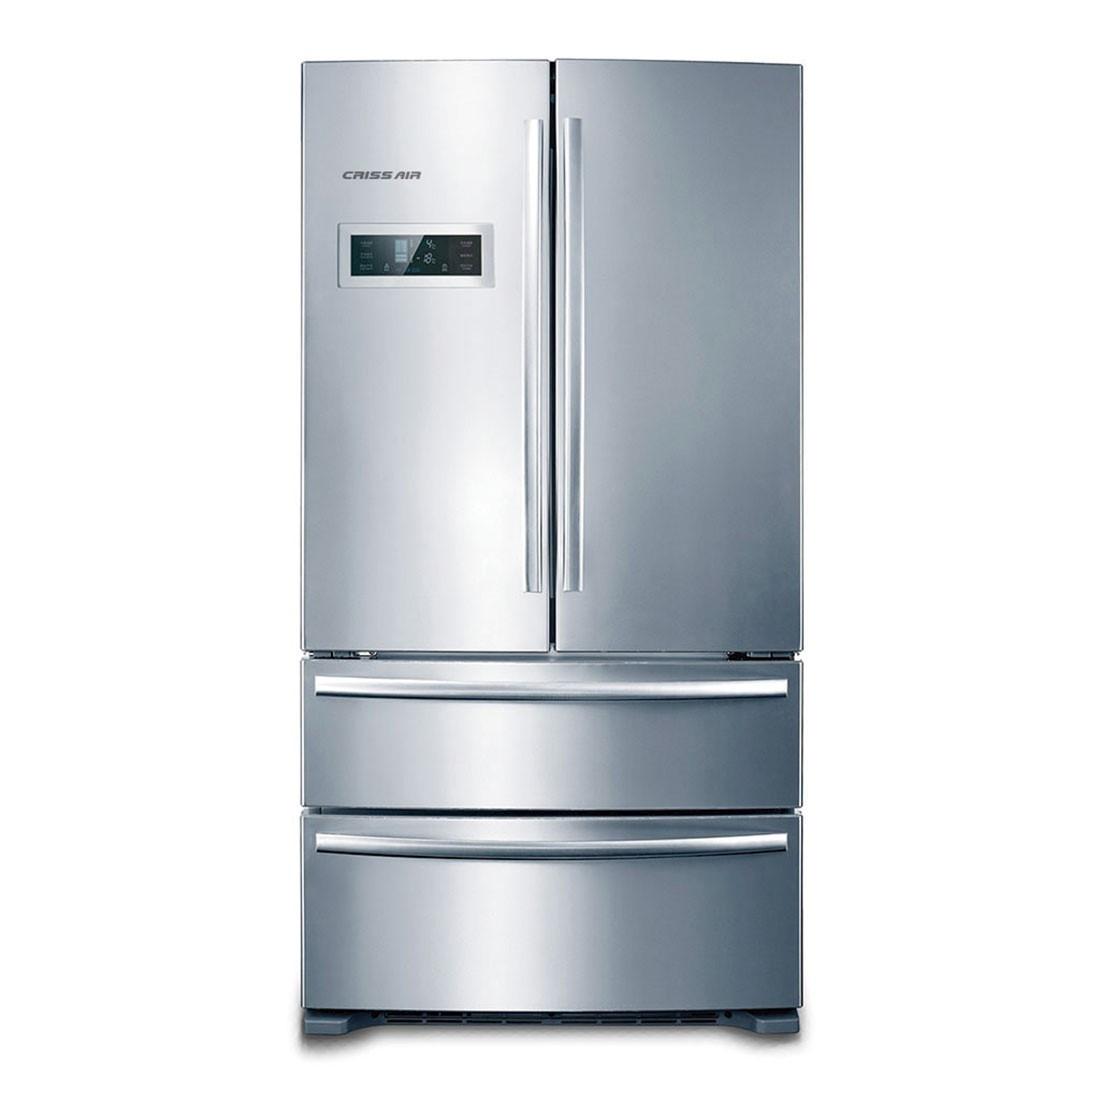 Refrigerador Crissair French Door RFD 02 590 Litros Inverter Inox 220v